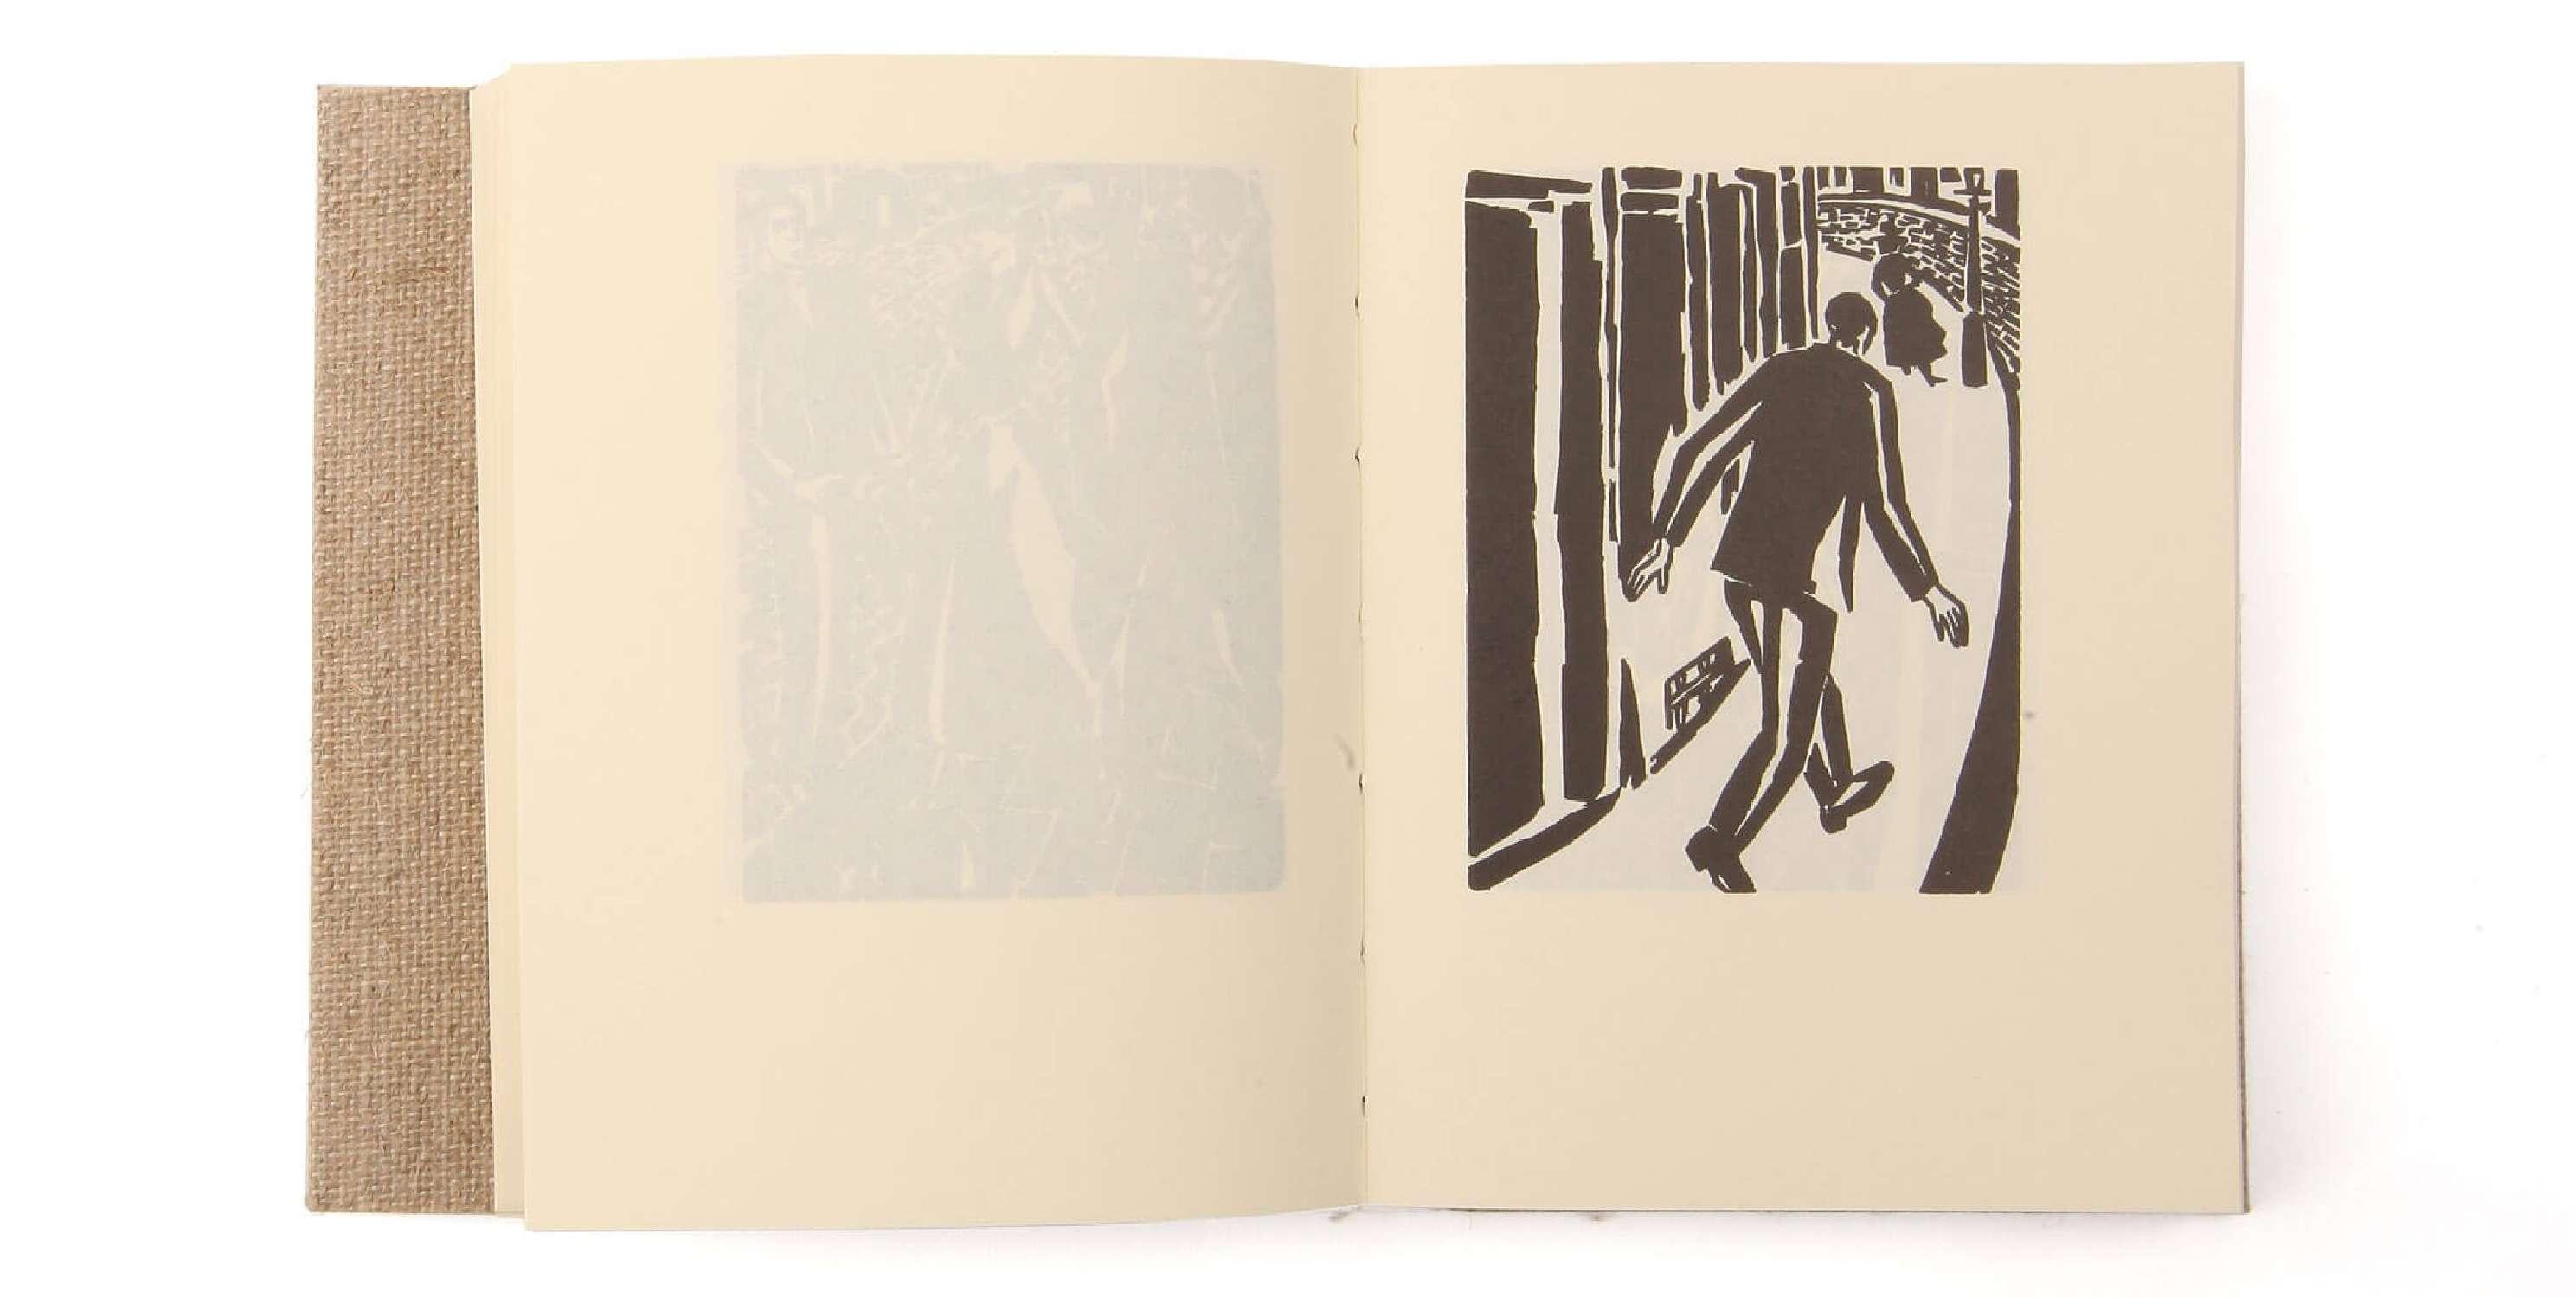 Frans Masereel Mon livre d'heures Éditions cent pages livre objet page intérieure bois gravé